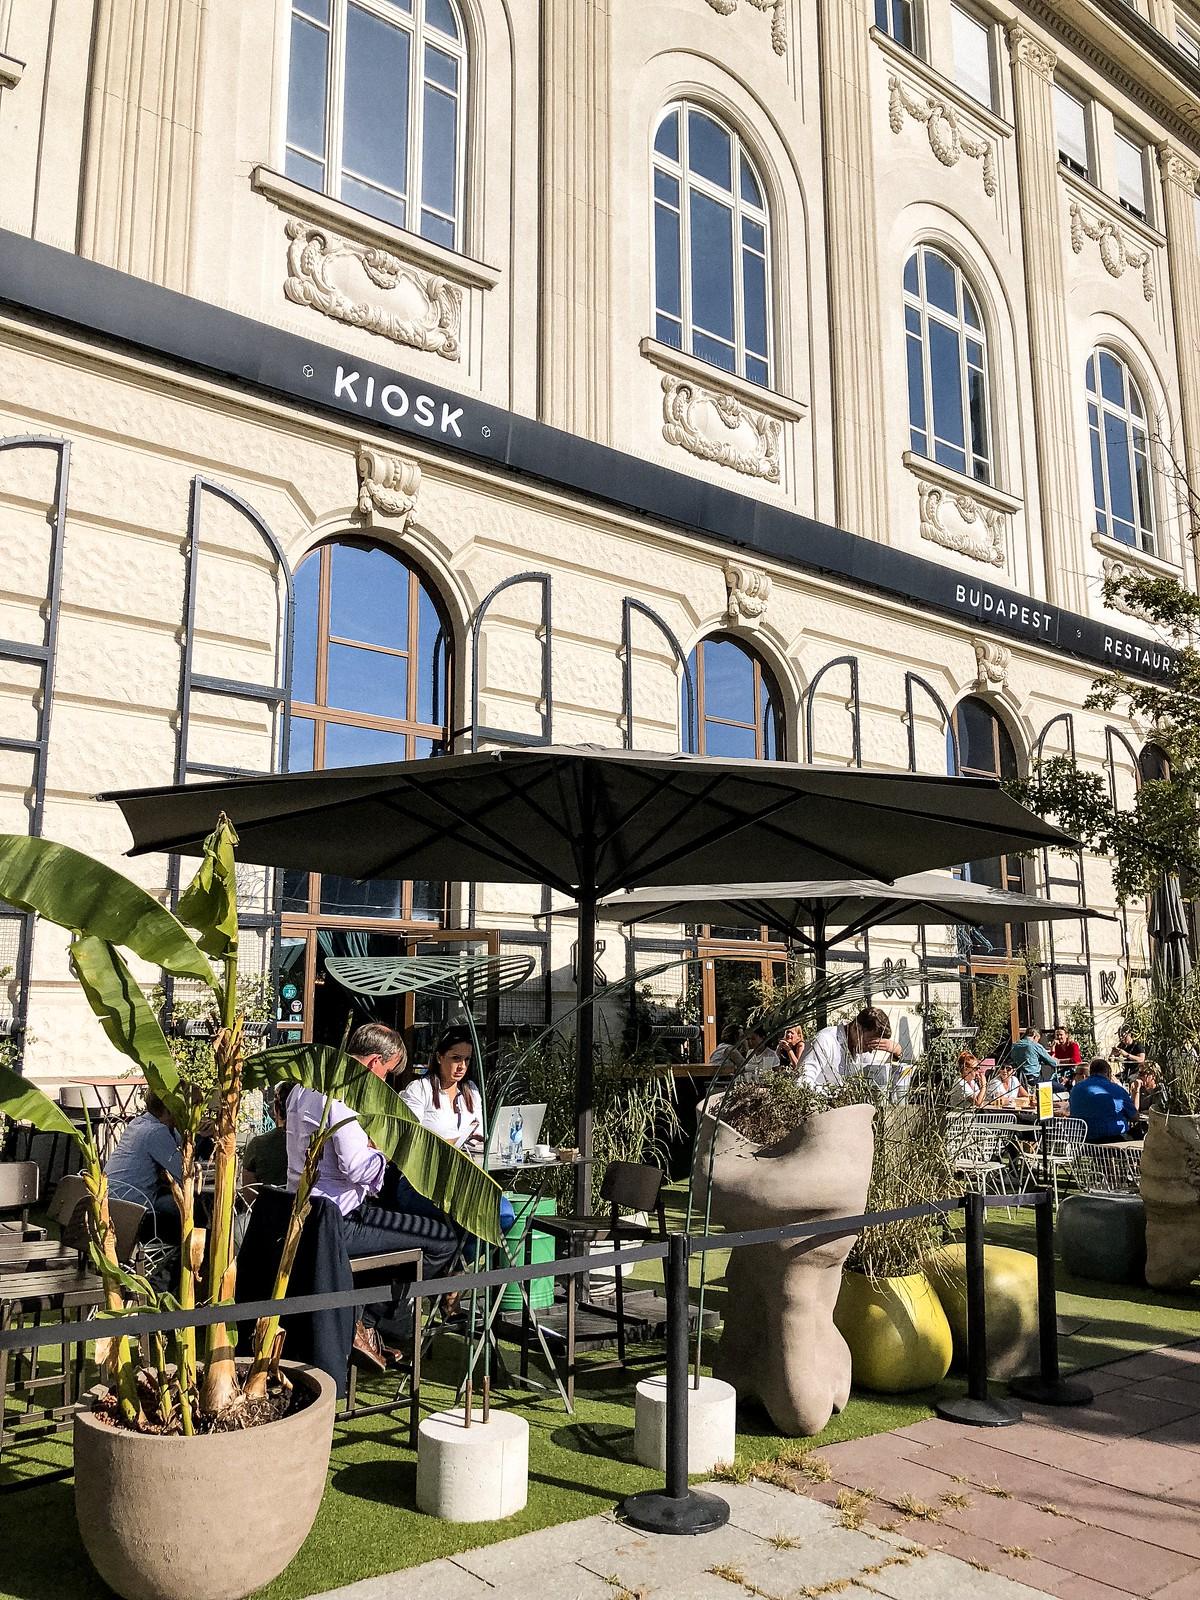 kiosk-budapest